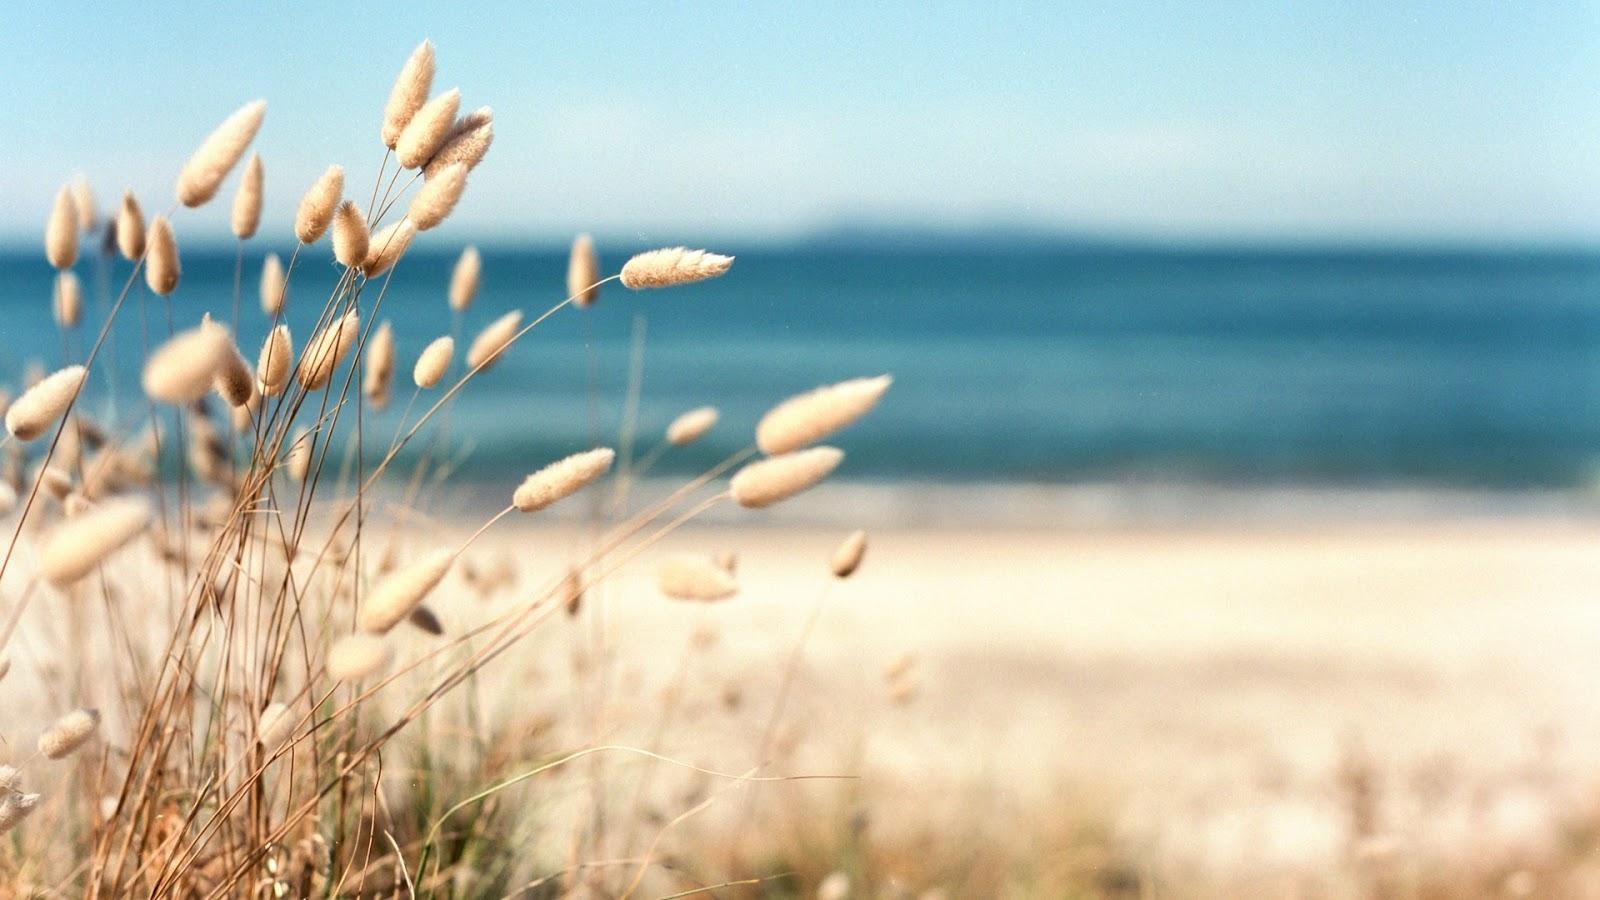 Hình nền máy tính mùa hè, Top 100 hình nền mùa hè full hd